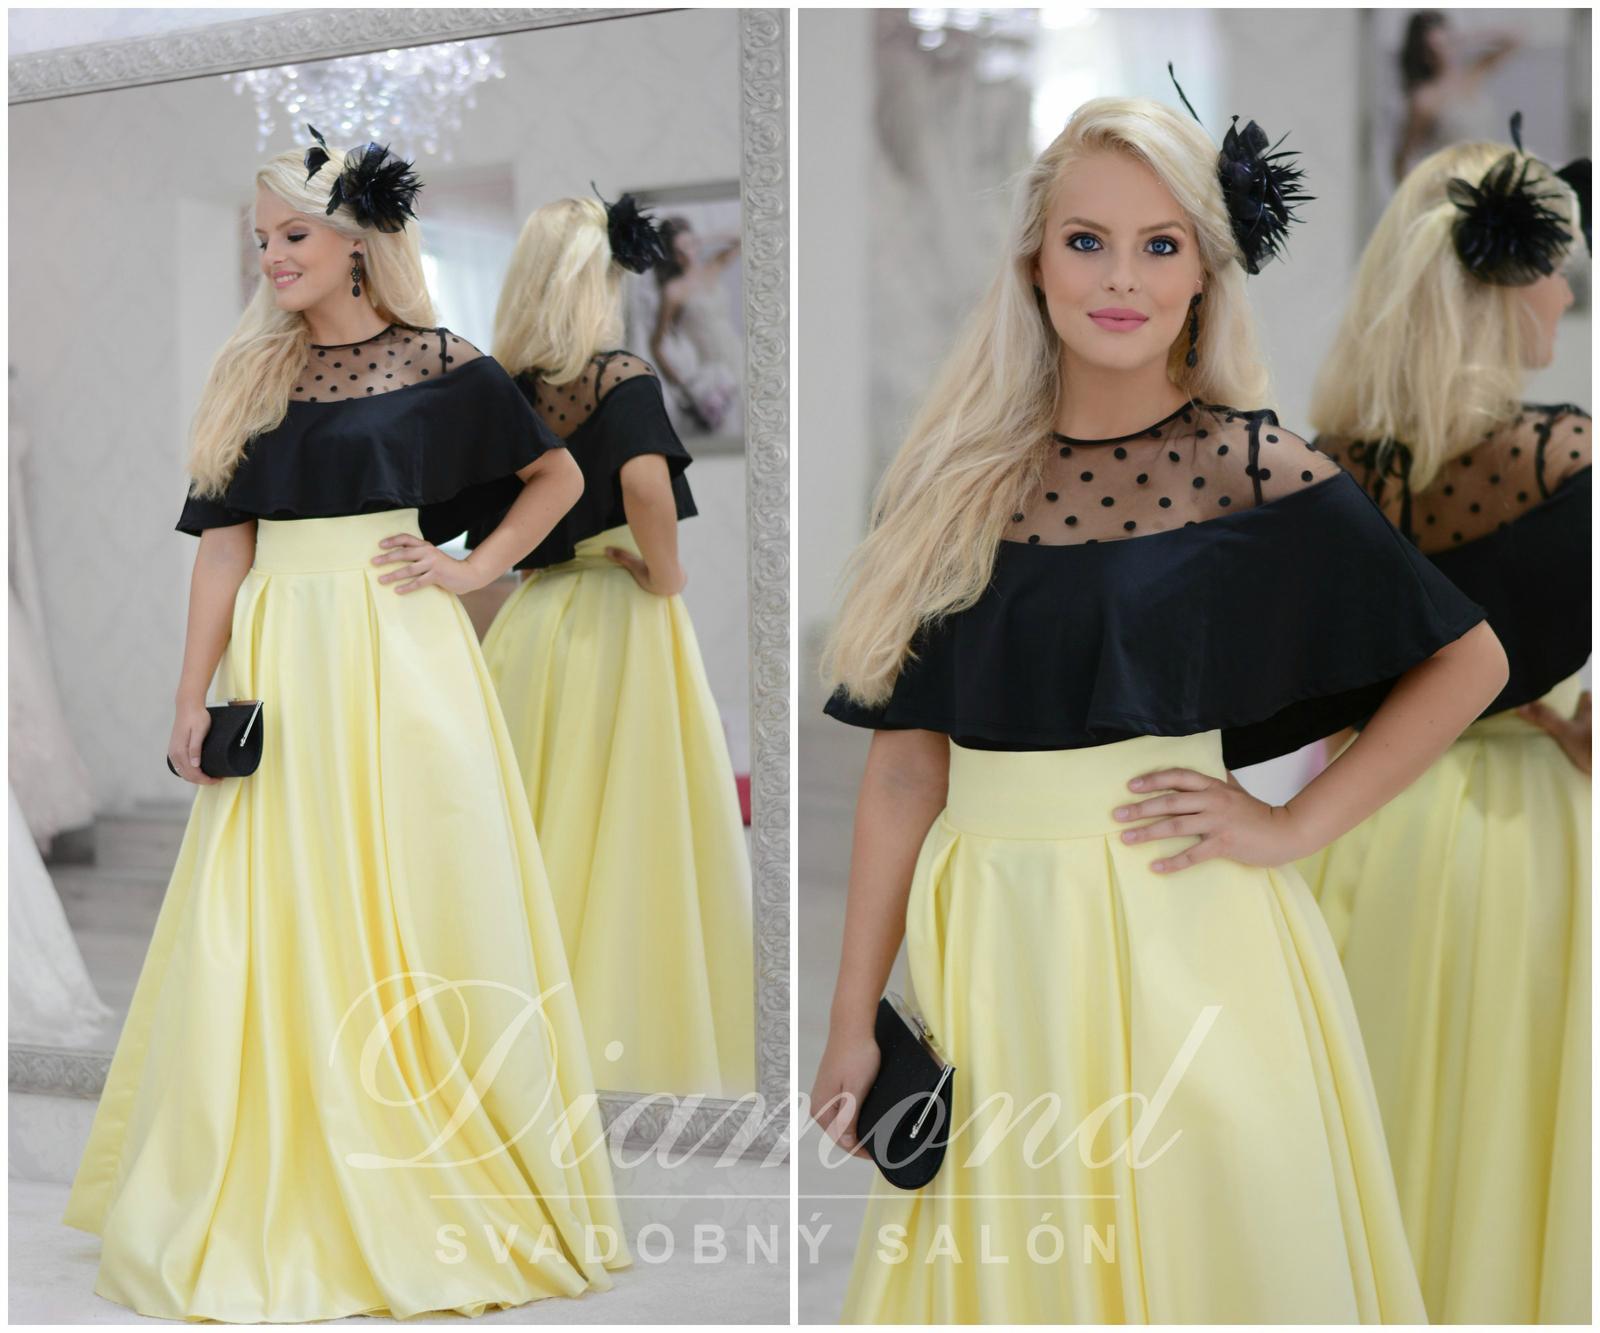 858cd3dff53a Štýlová saténová žltá sukňa